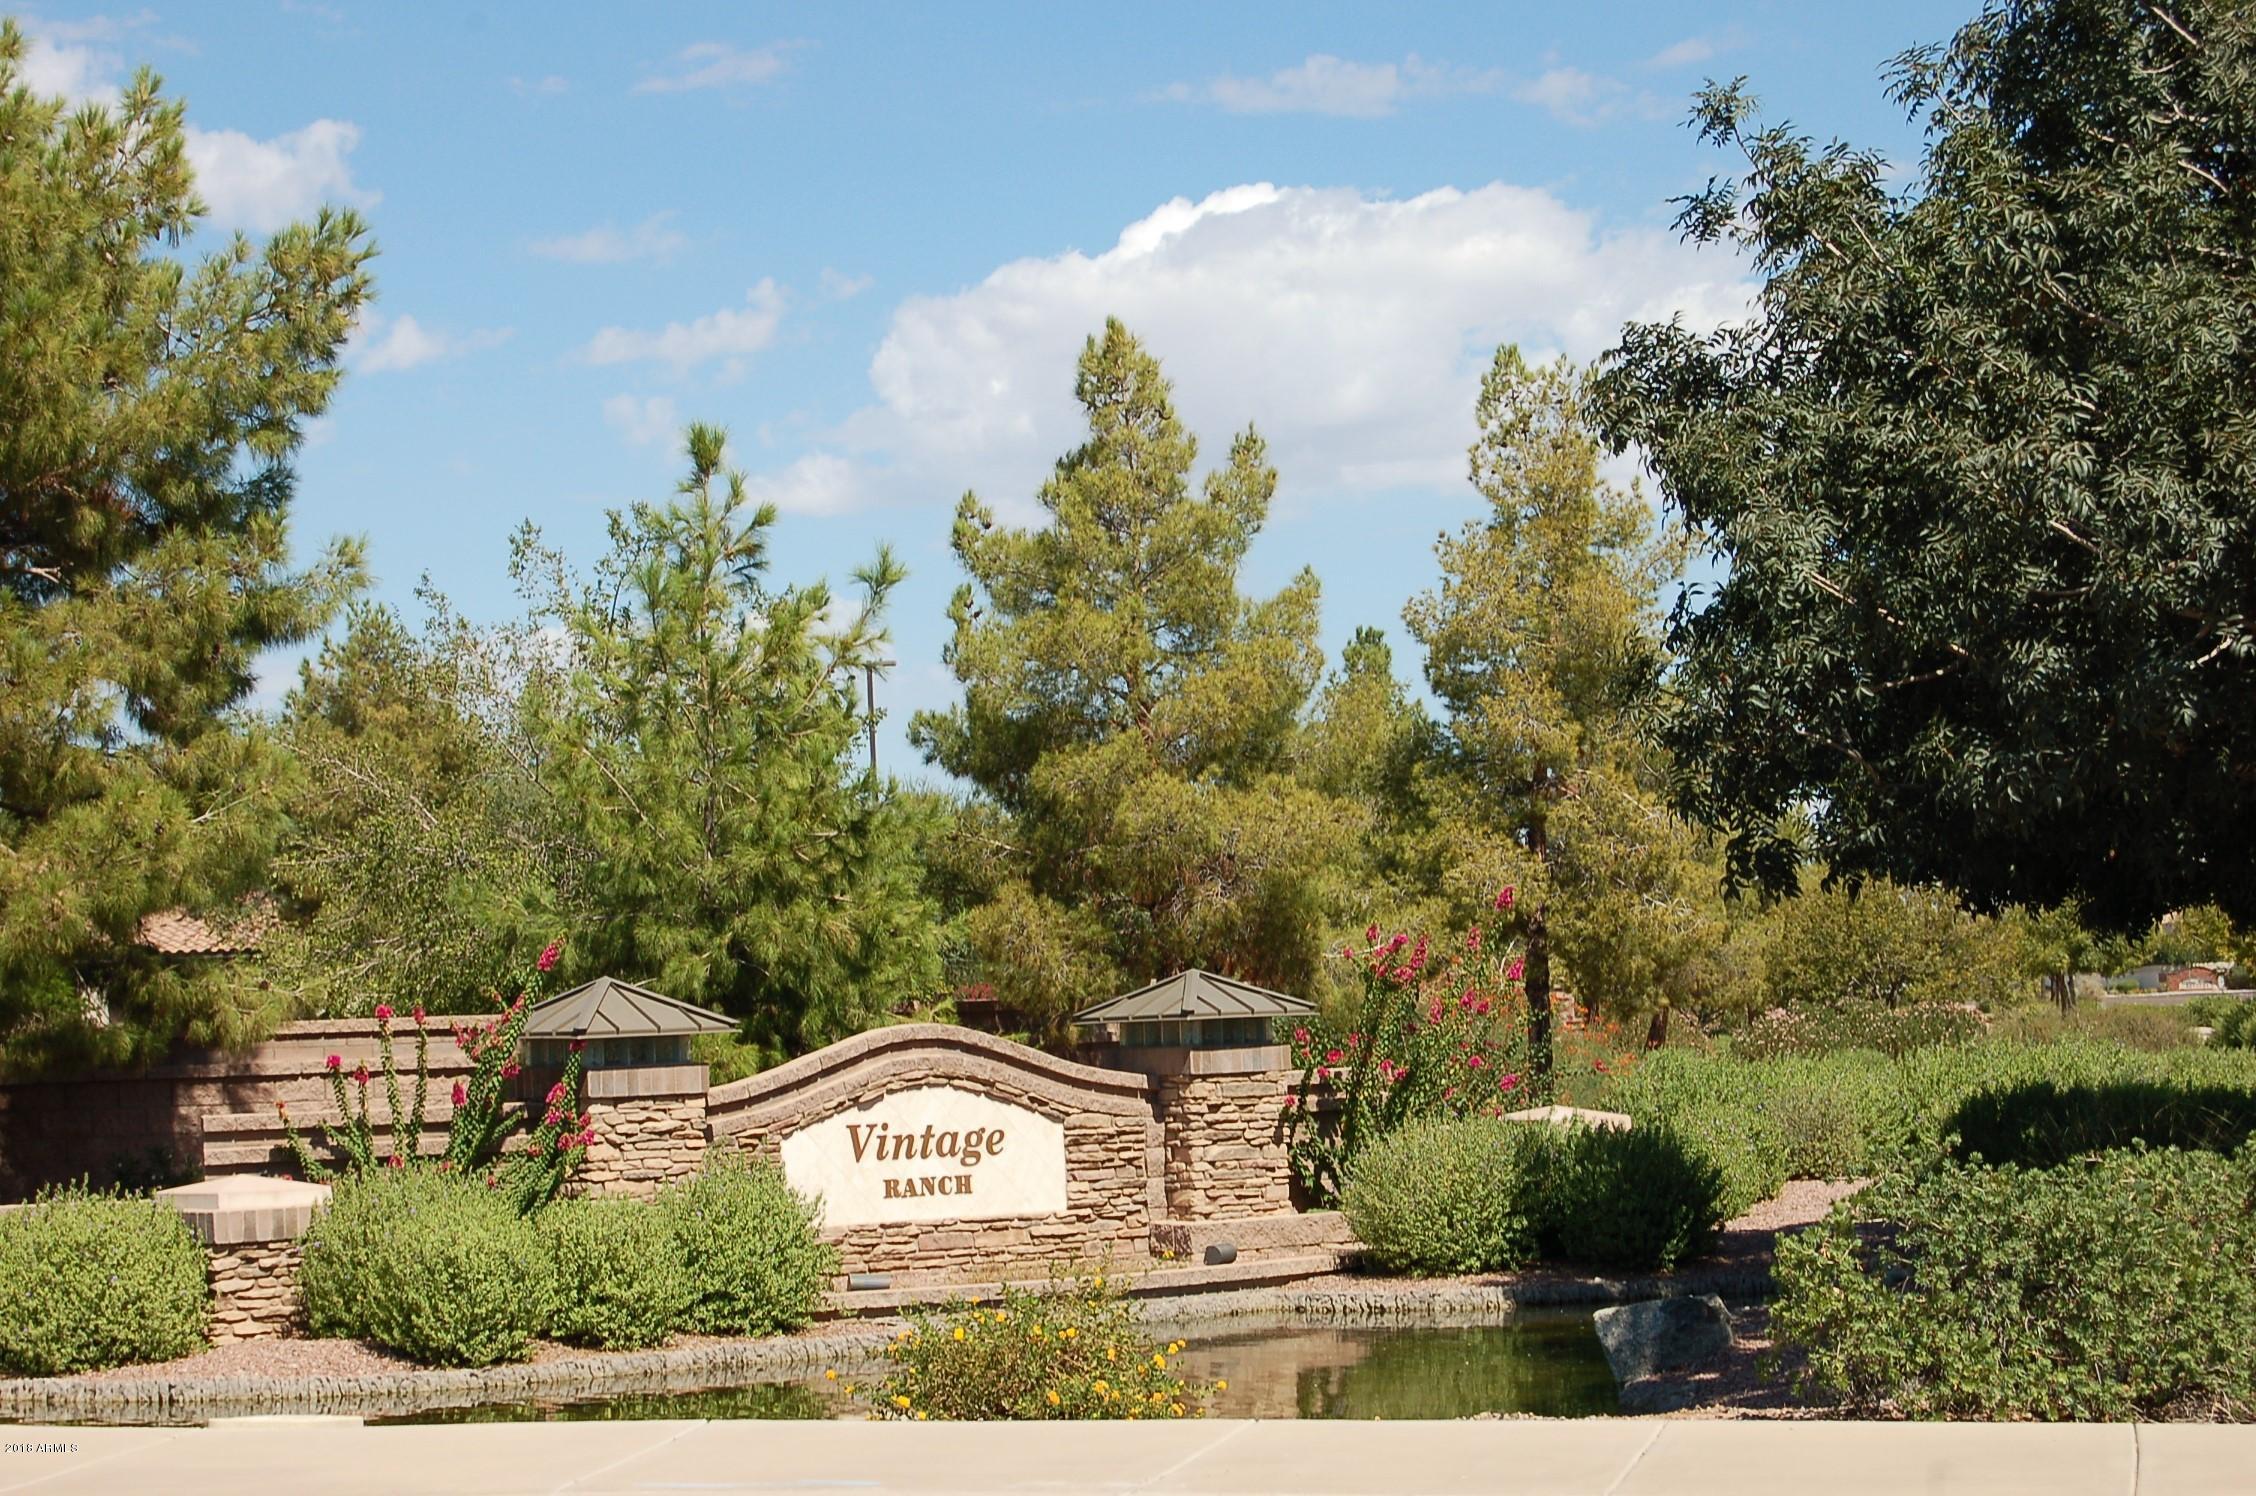 MLS 5827411 528 E BENRICH Drive, Gilbert, AZ 85295 Gilbert AZ Vintage Ranch